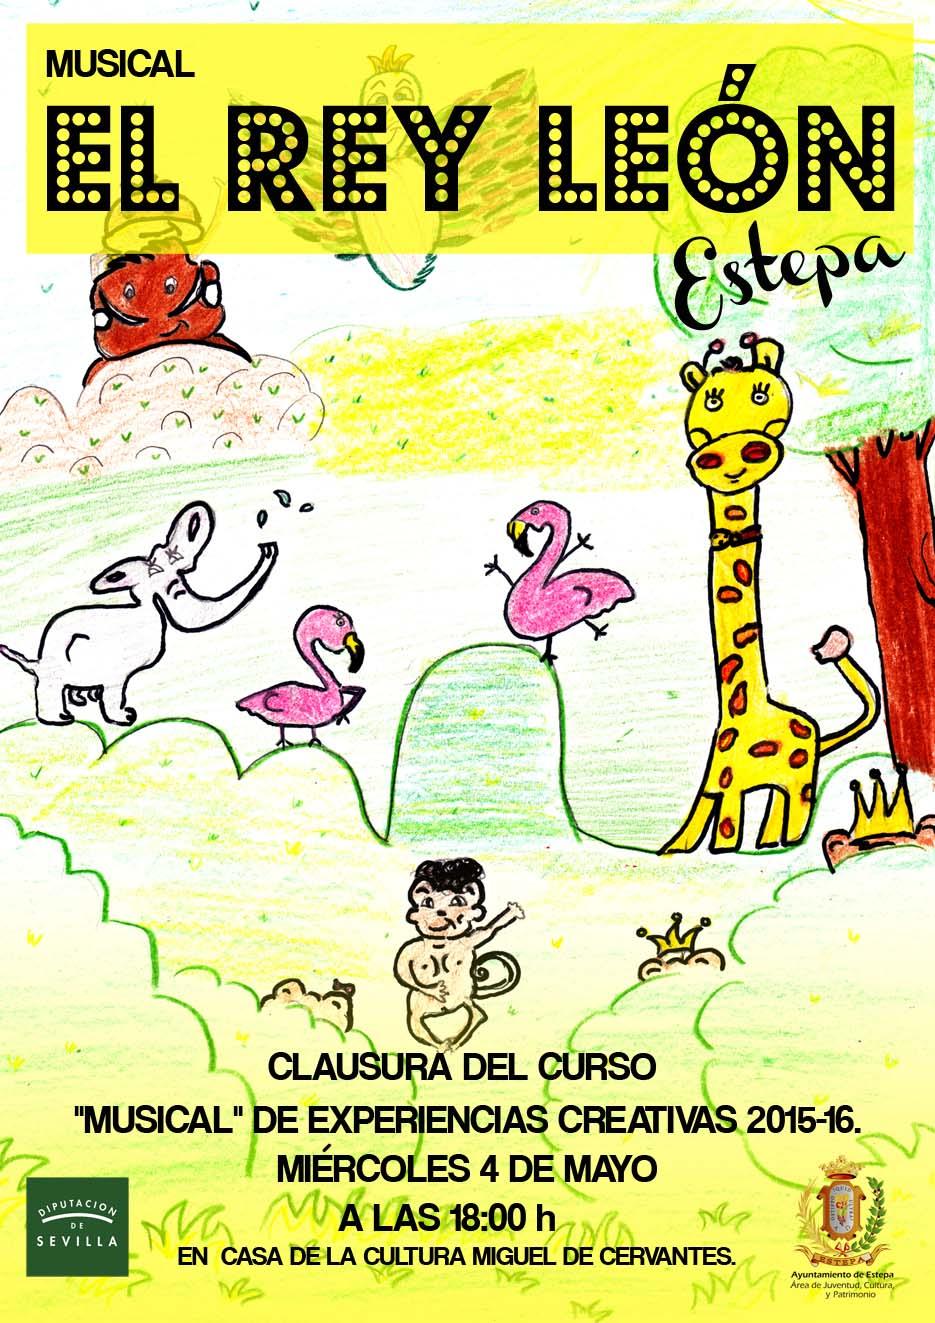 musical-el-rey-de-leon-casa-cultura-estepa-sevilla-andalucia-gratis